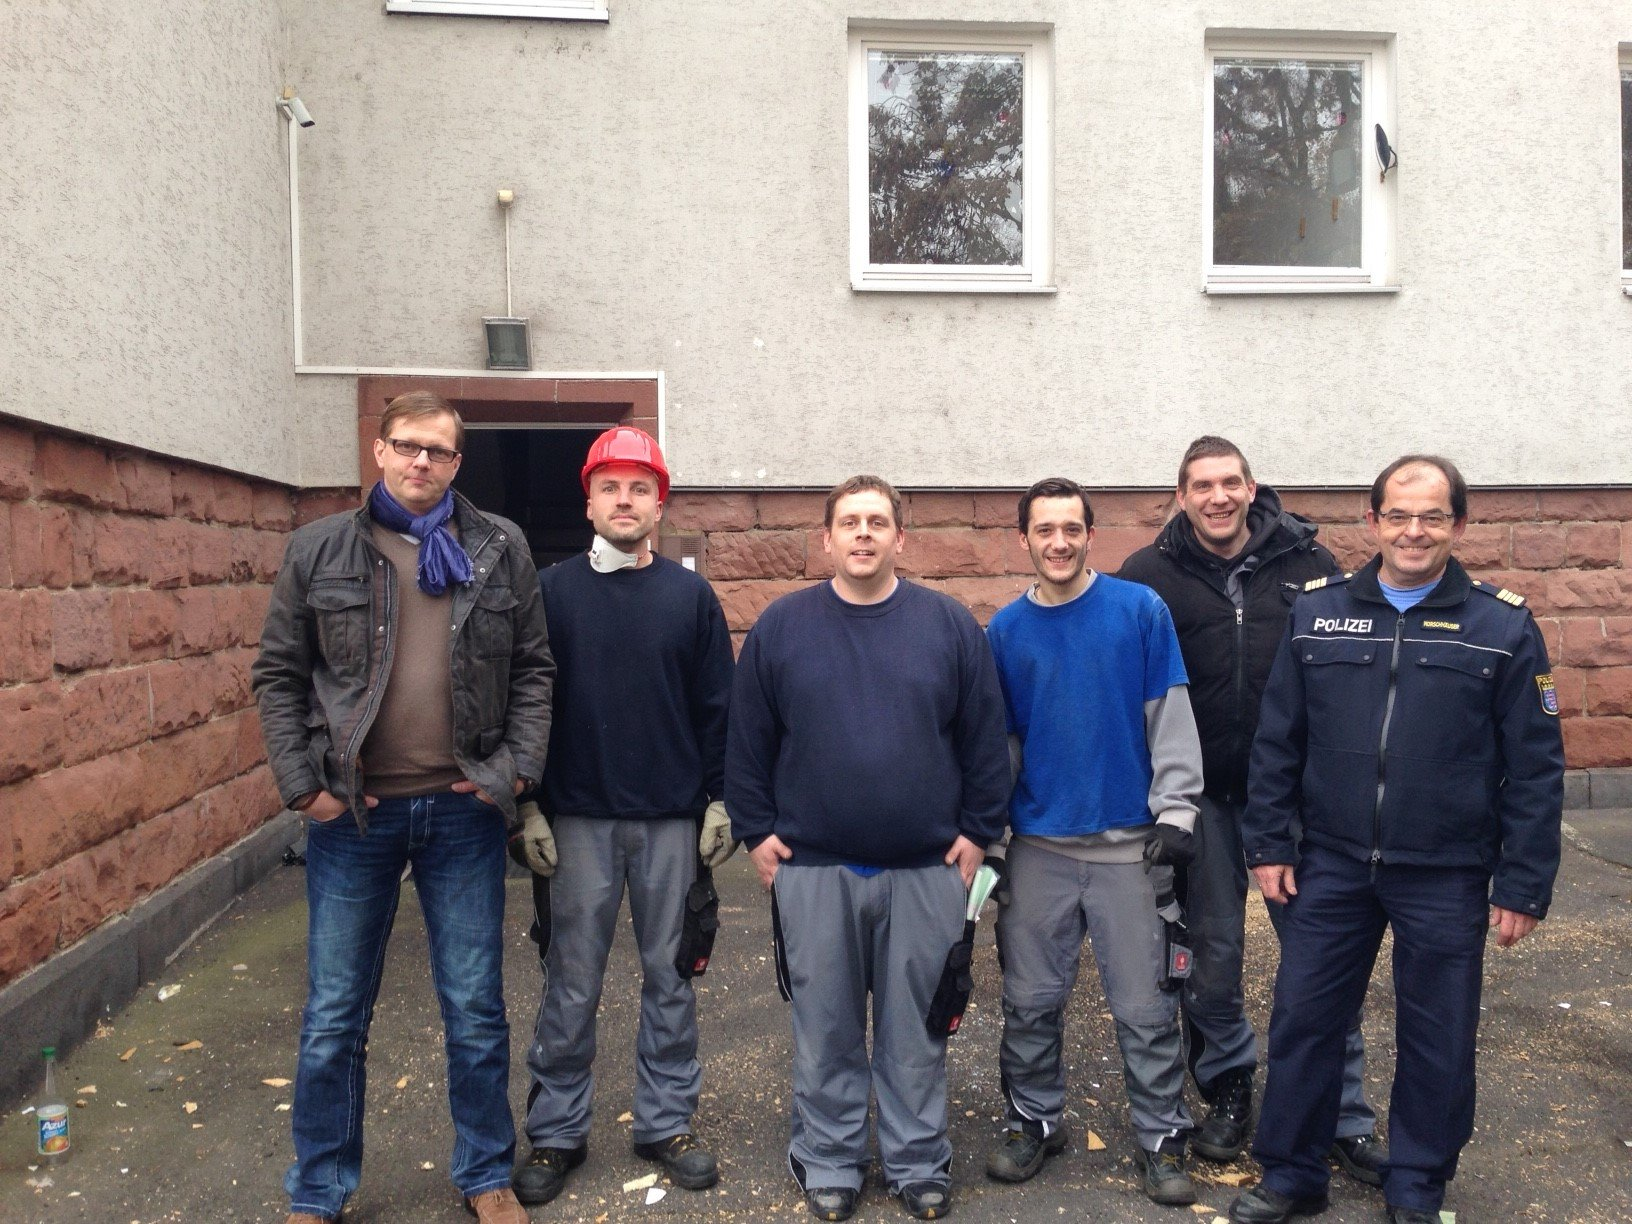 Umzugsunternehmen Wiesbaden umzug der wasserschutzpolizei wiesbaden j g adrian gmbh